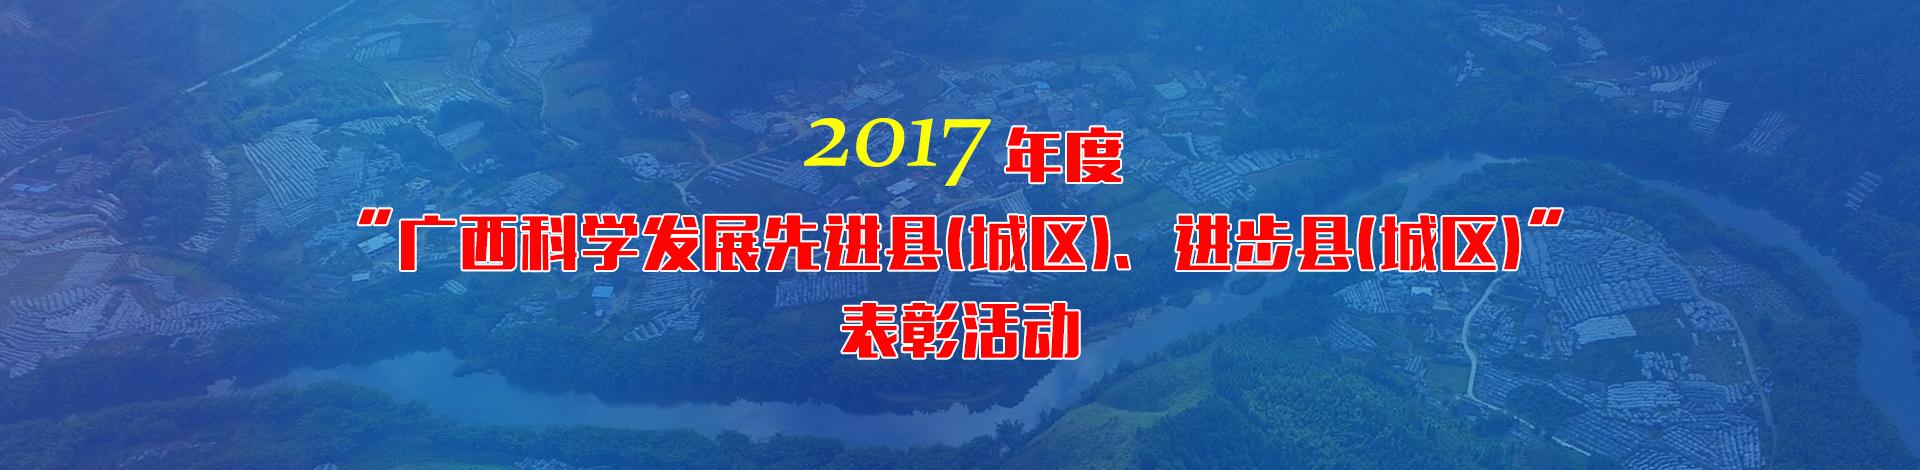 2017年度广西县域科学发展表彰活动